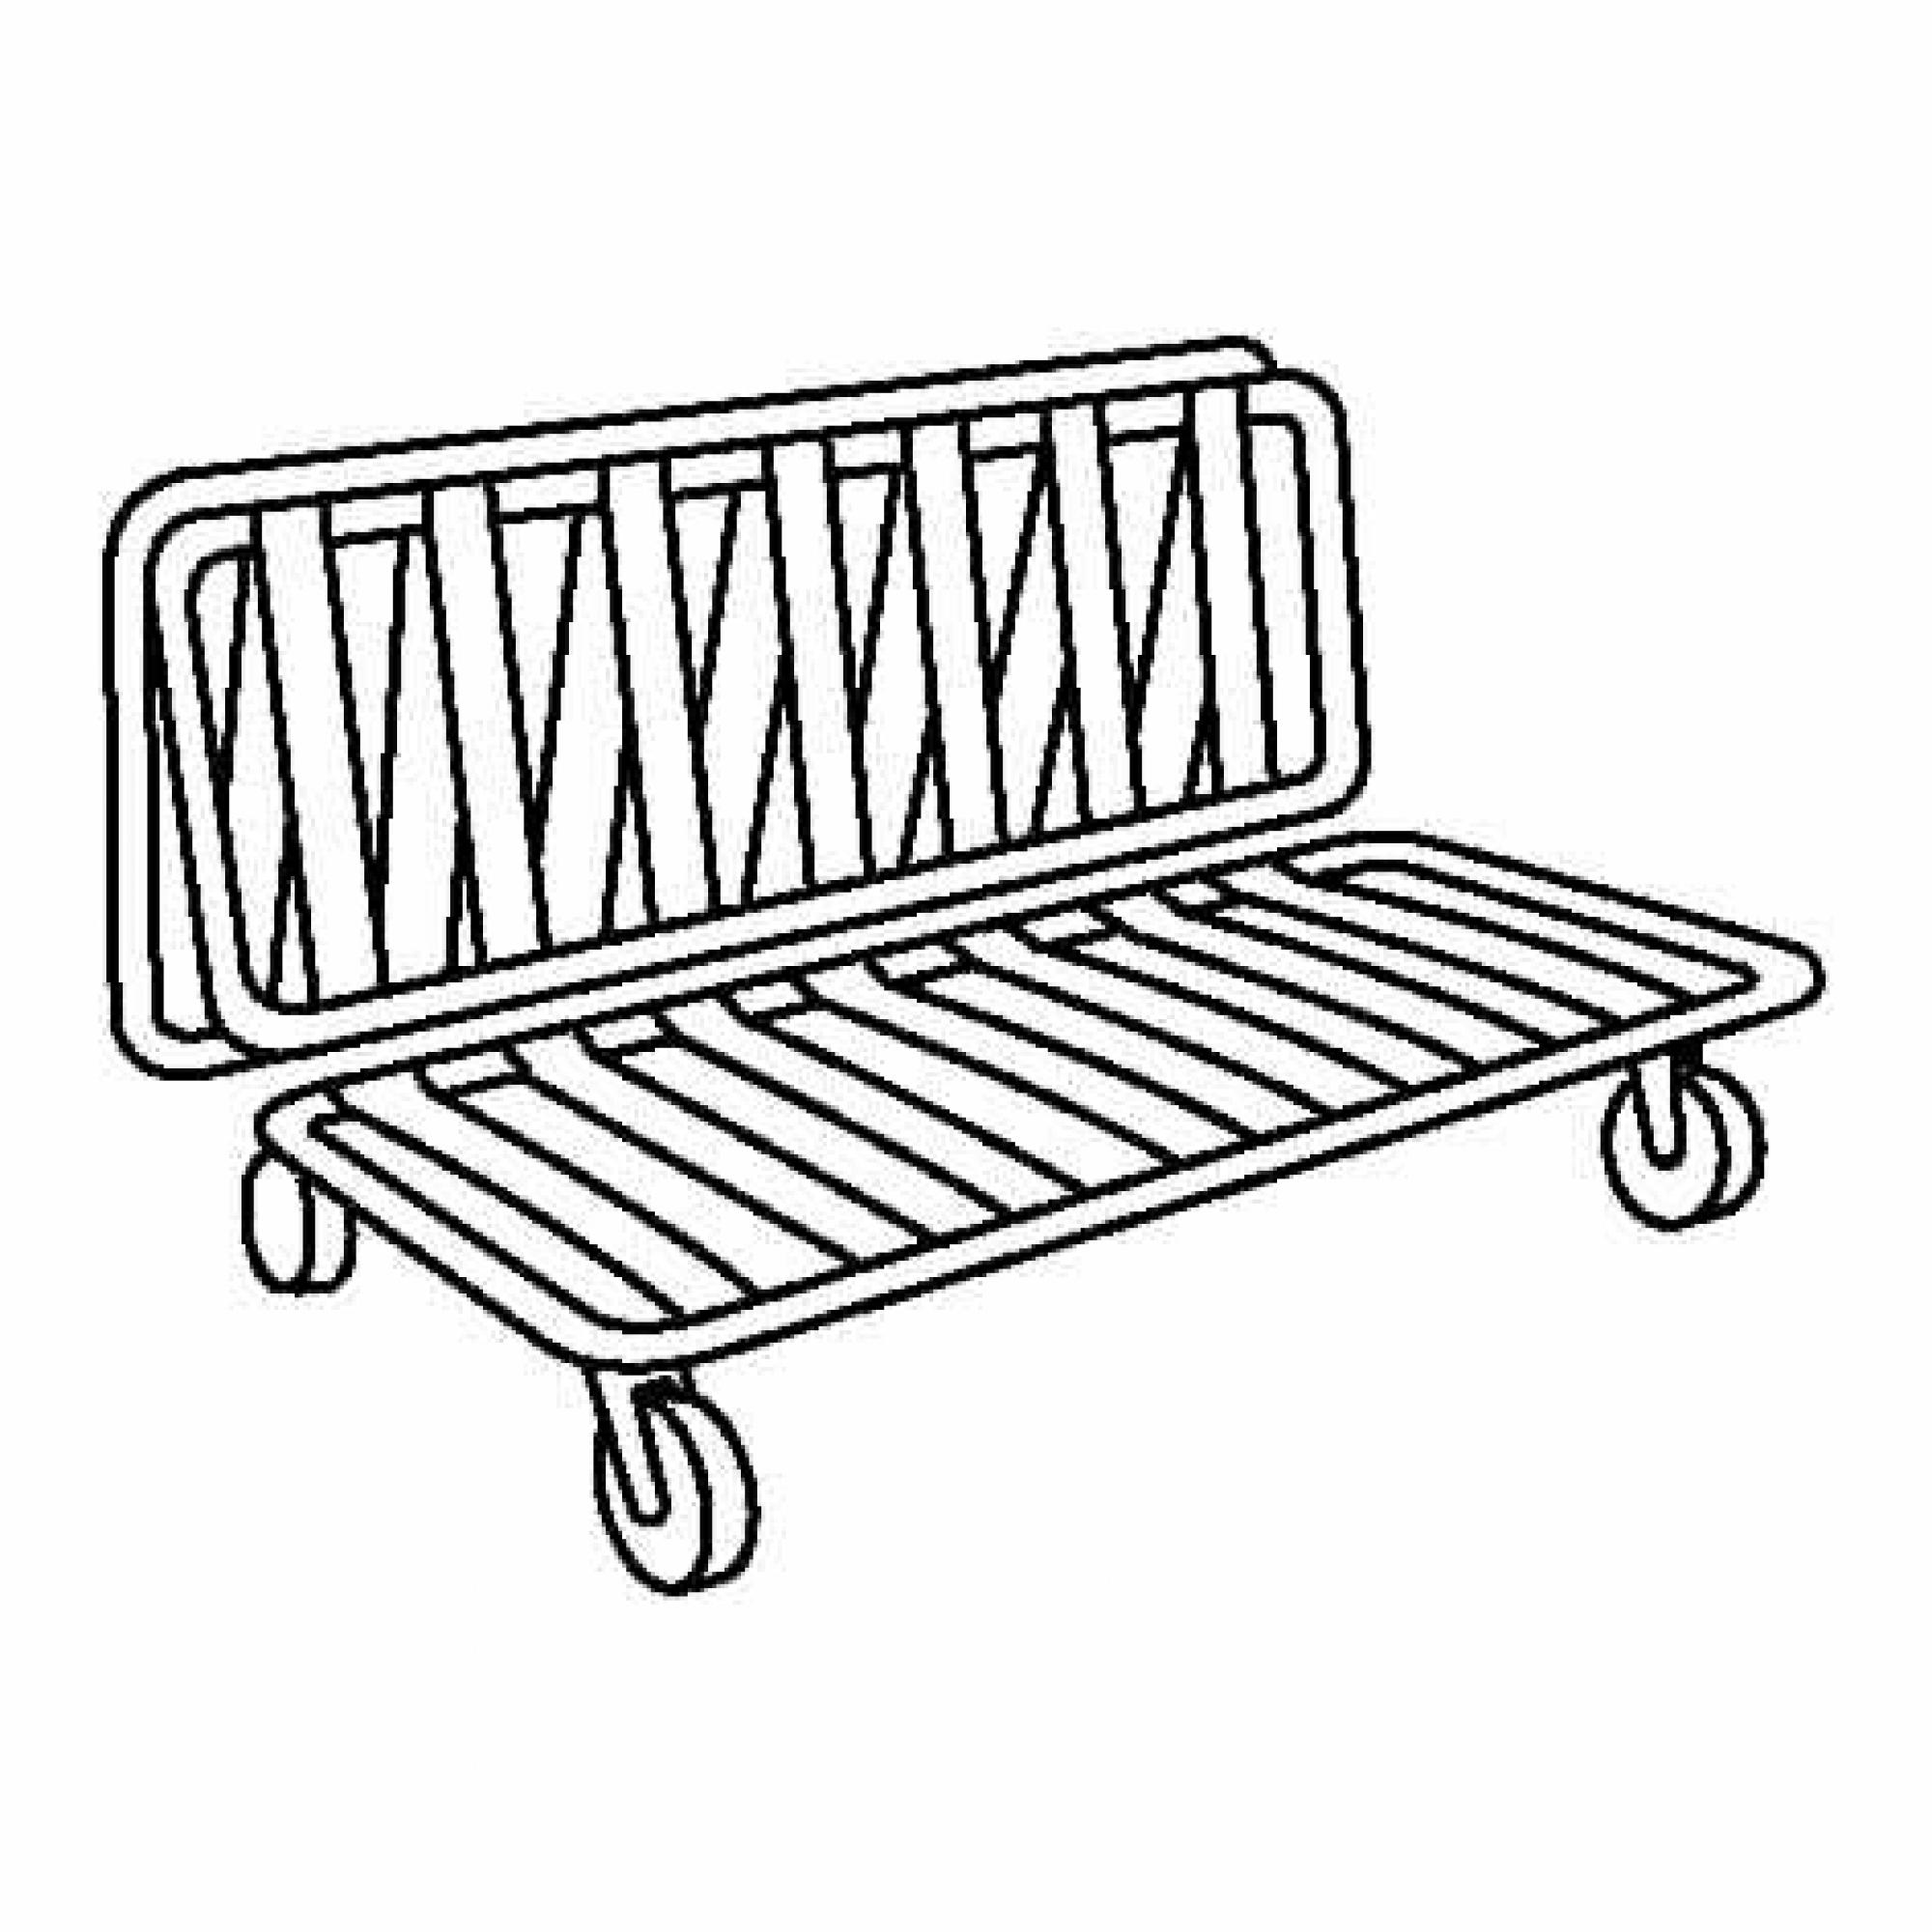 Ikea ps estructura sof cama 2 plazas - Sofas cama de 1 20 cm ...